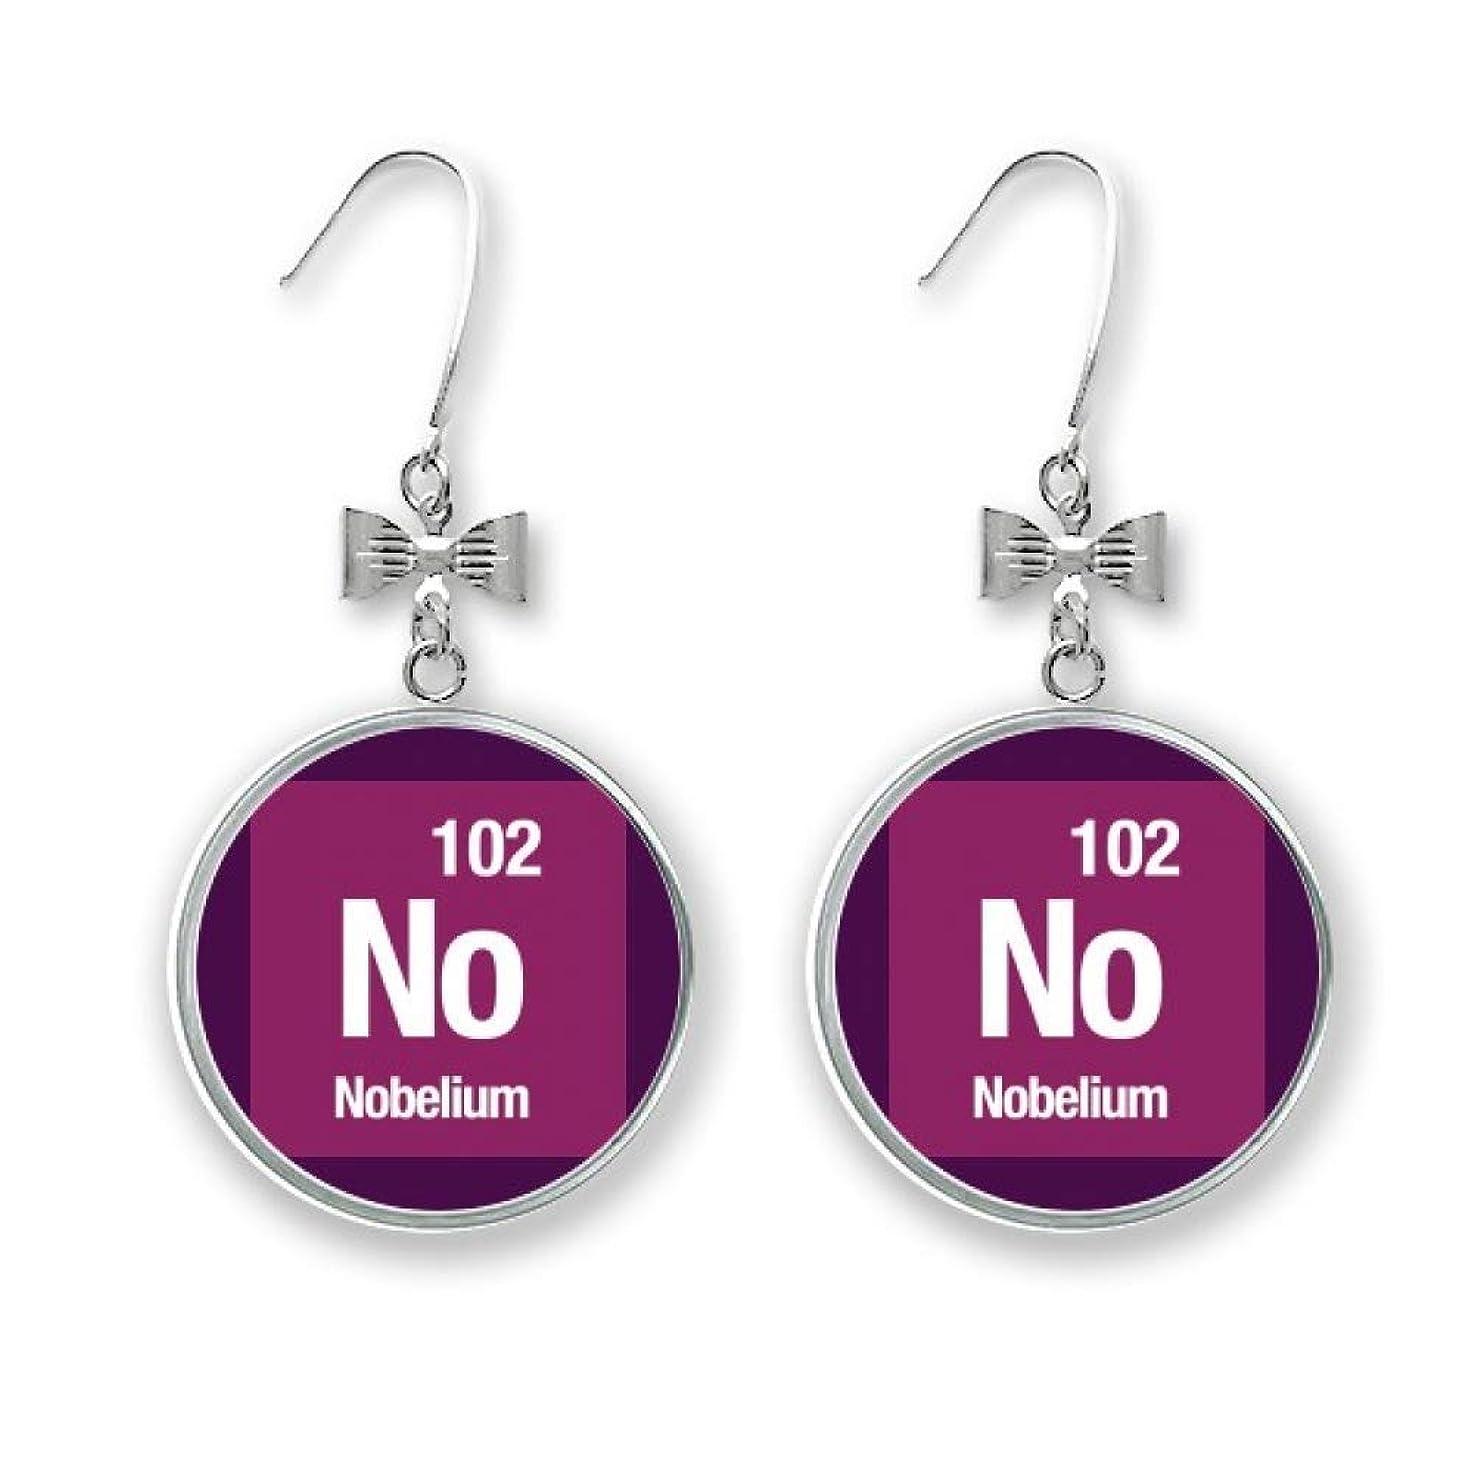 勇者クーポン理論的ノーノーベリウム化学元素化学 ボウピアスドロップスタッドピアスフック